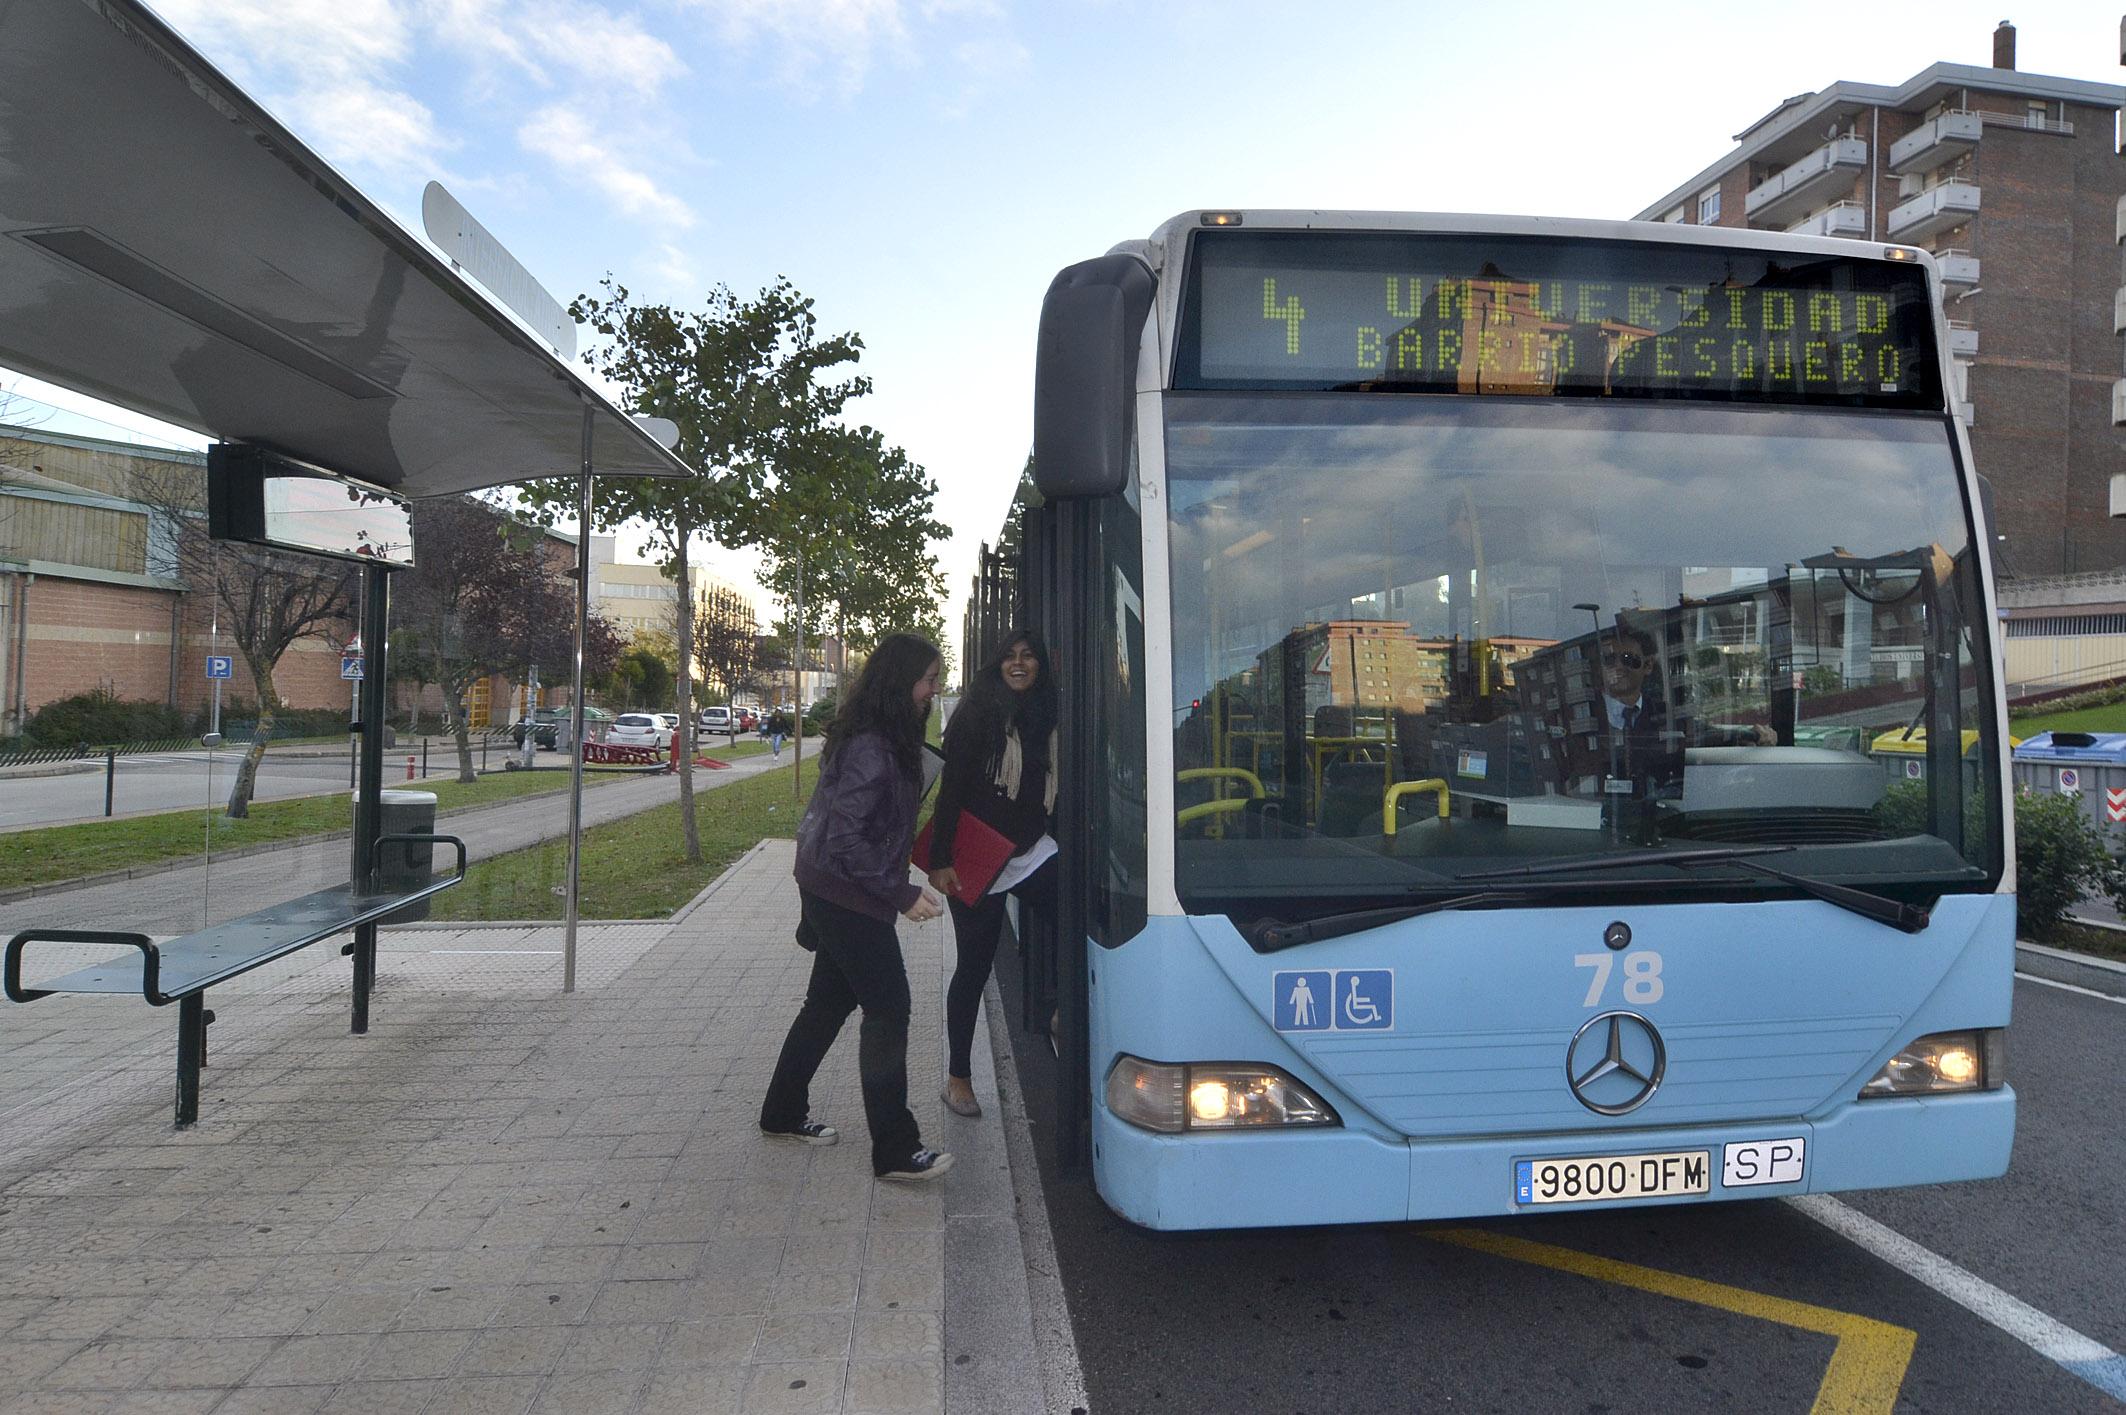 autobus_reportaje_familias_politica_fiscal_0.jpg